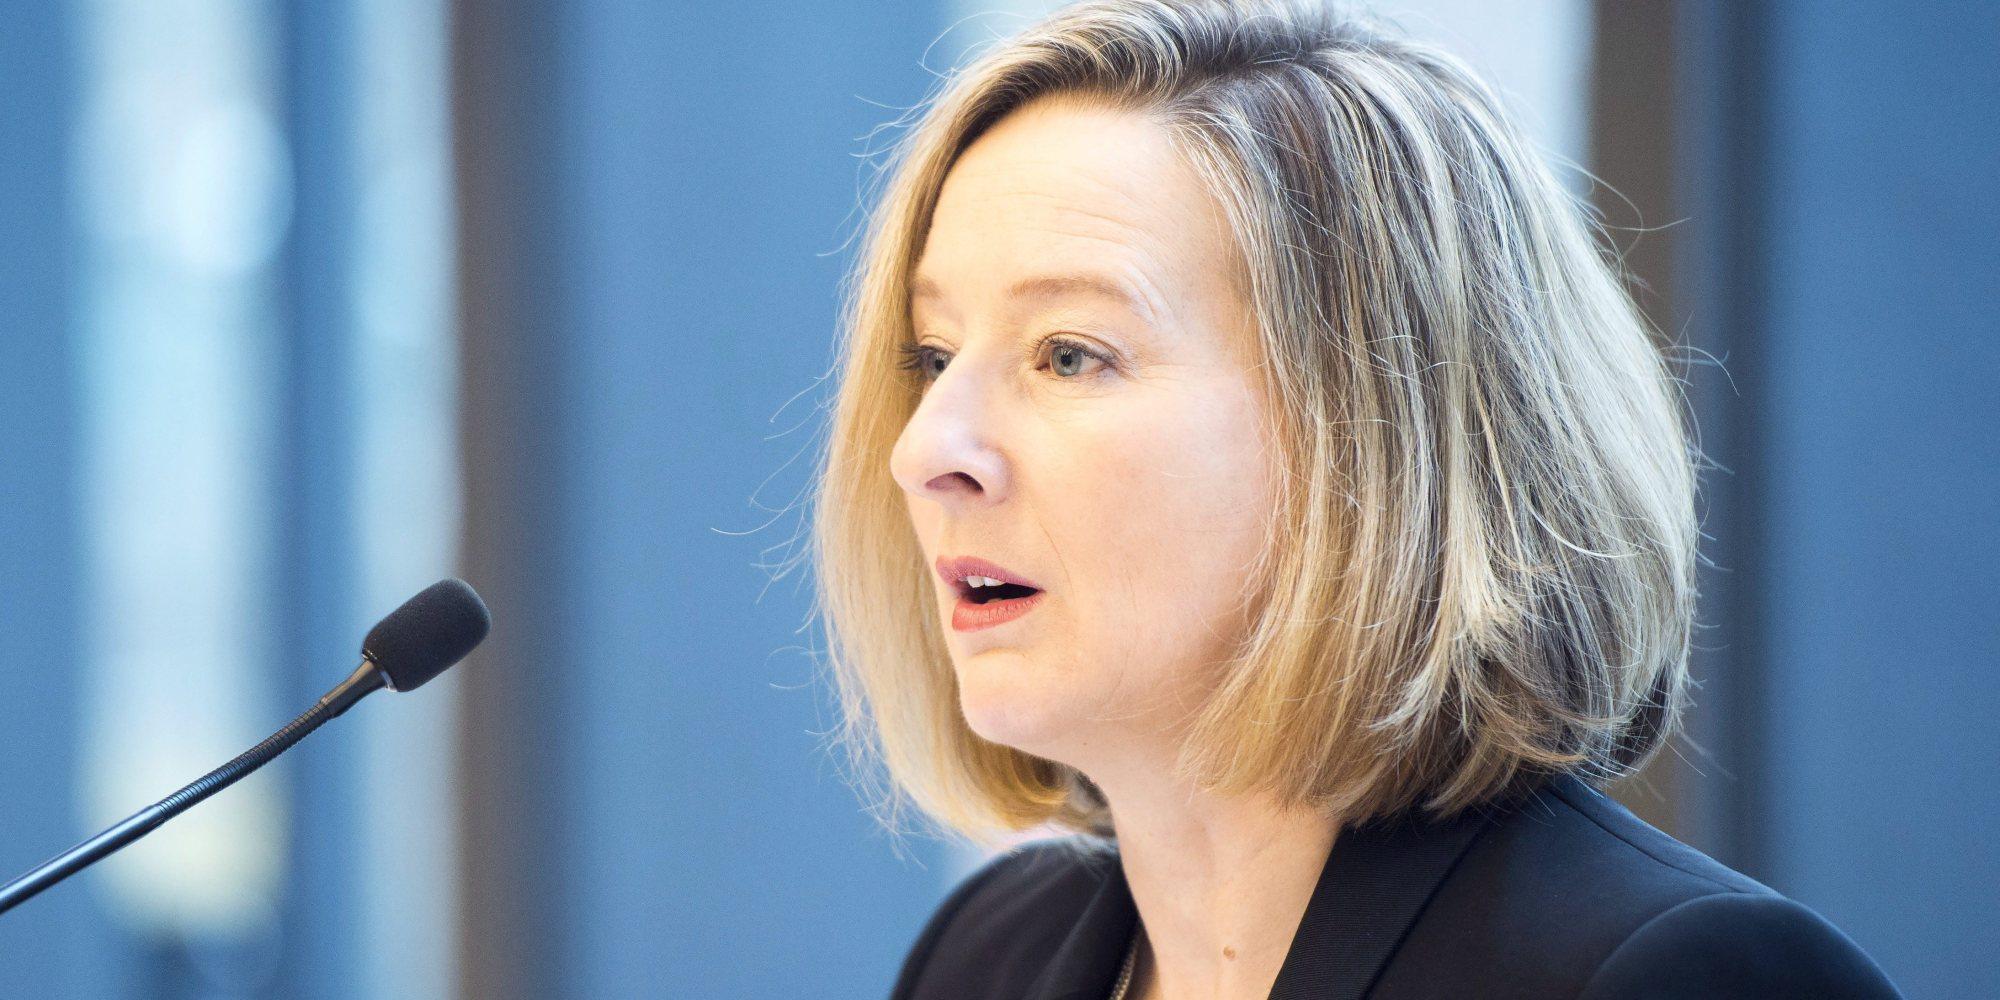 نائب محافظ بنك كندا: ارتفاع ديون الأسر هو نقطة ضعف الاقتصاد